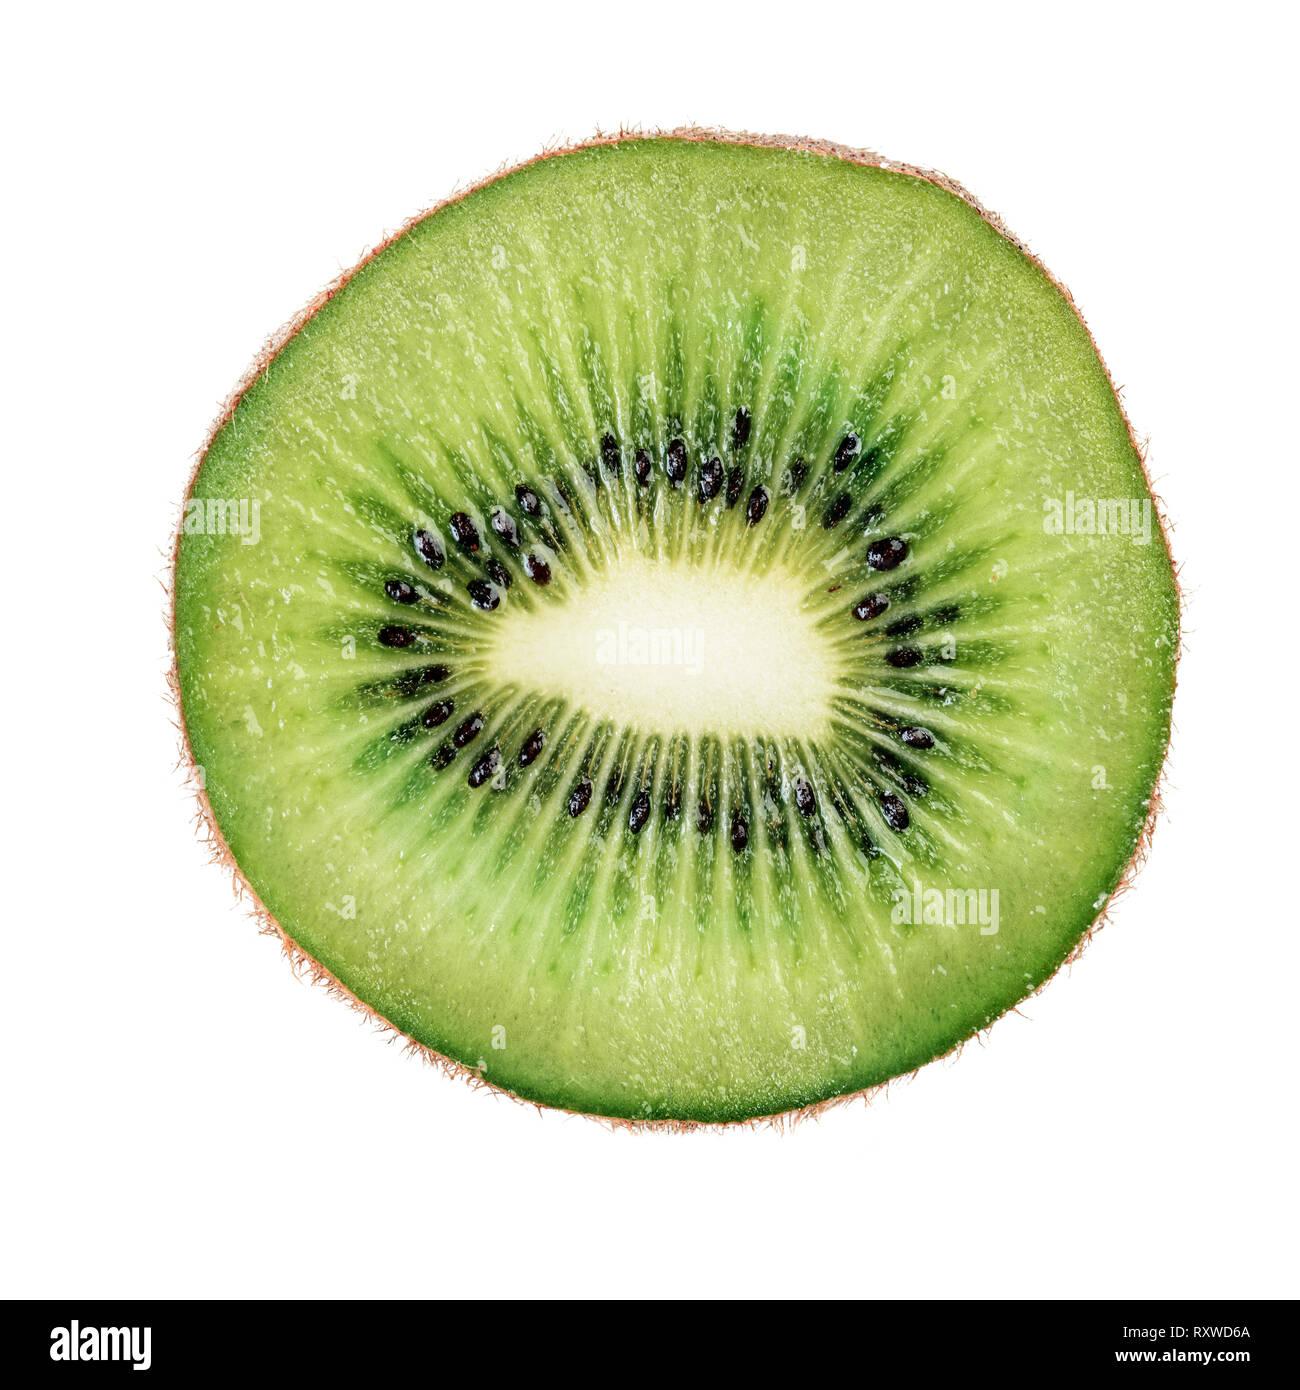 Slice of kiwi fruit macro isolated on white background - Stock Image